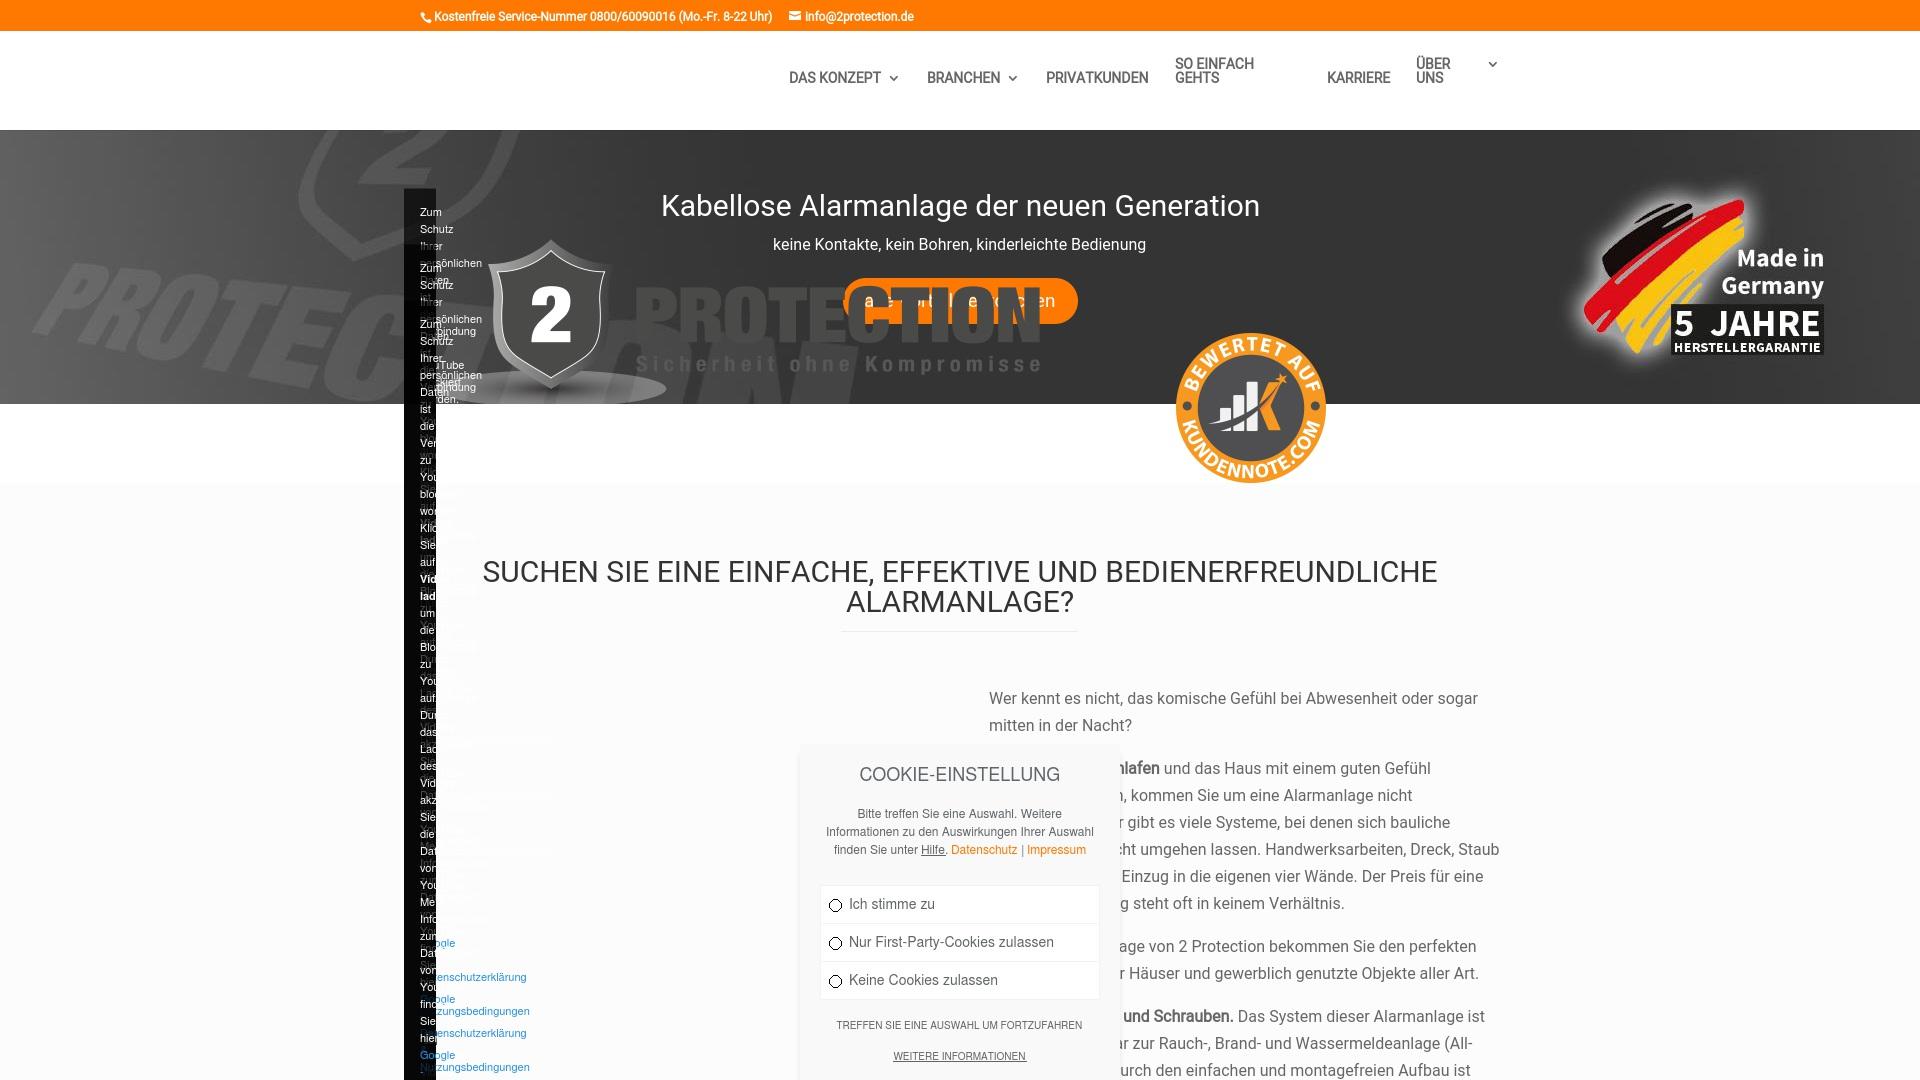 Gutschein für 2protection: Rabatte für  2protection sichern